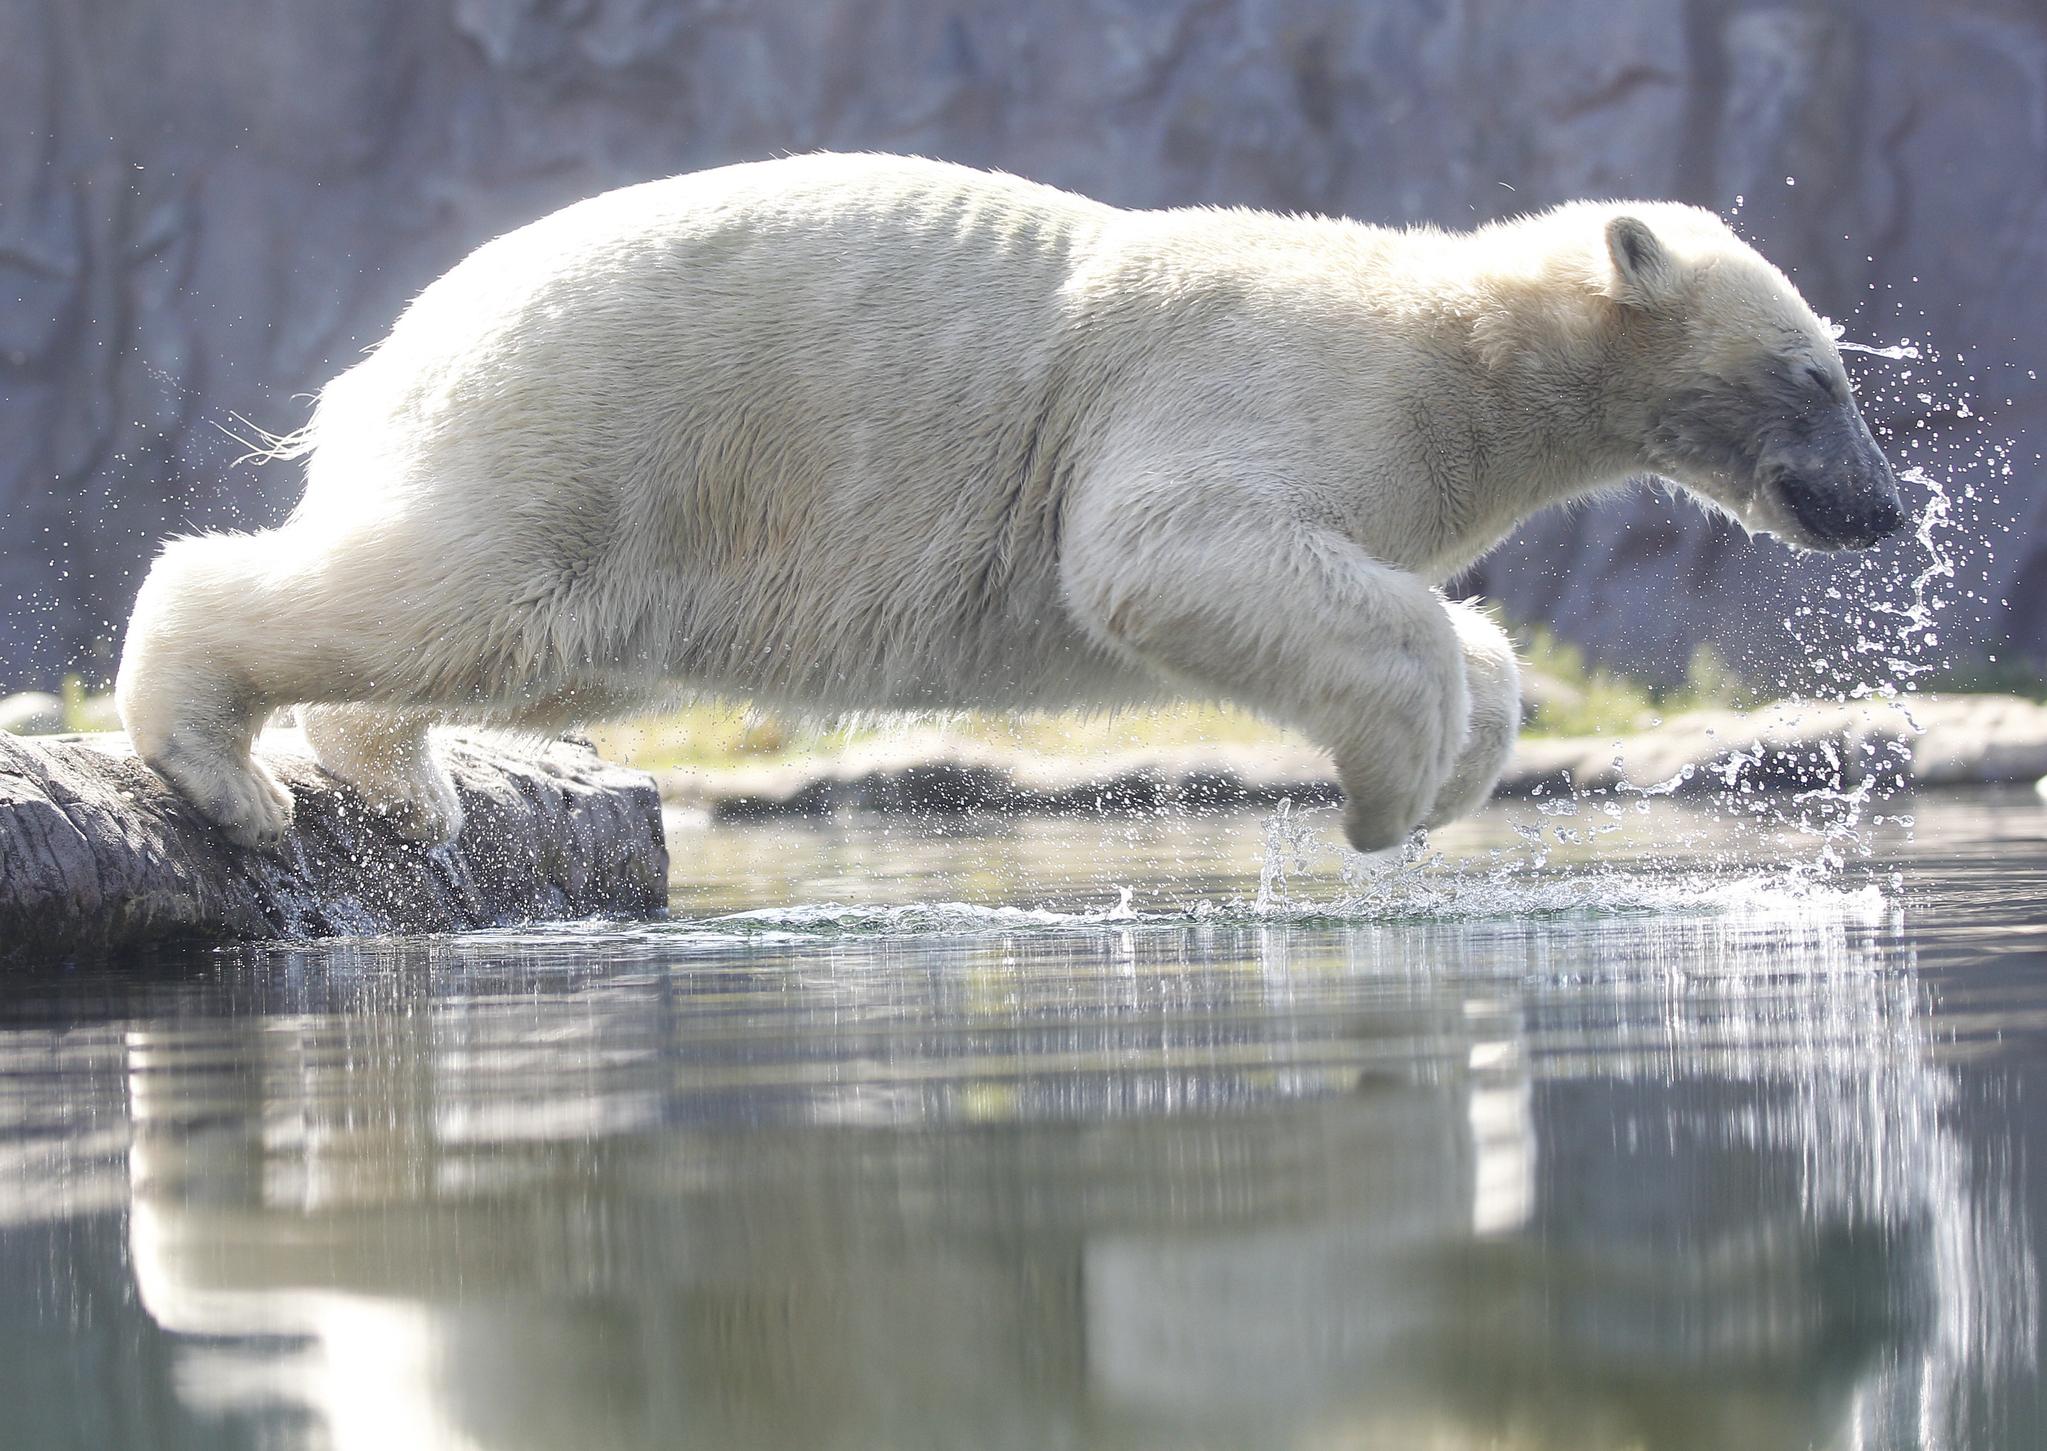 25일(현지시간) 독일 겔센키르헨 동물원에서 북극곰이 물속으로 뛰어들고 있다.독일은 섭씨 40도까지 올라가는 폭염에 직면하고 있다.[AP=연합뉴스]